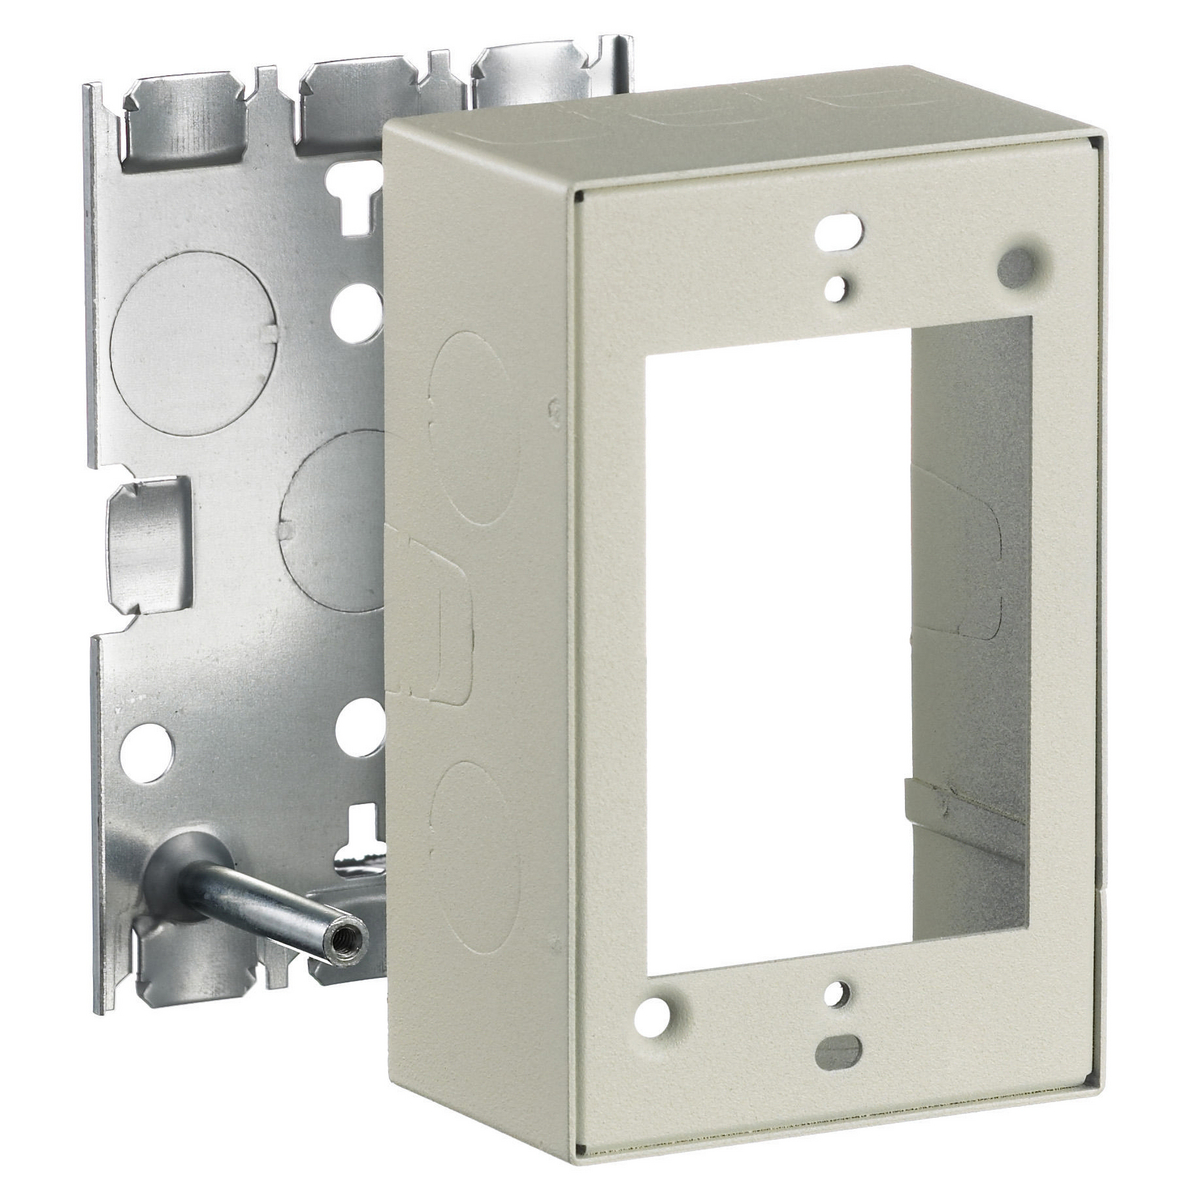 R WAY, 1G BOX, STD, HBL500/700/HBL750,IV